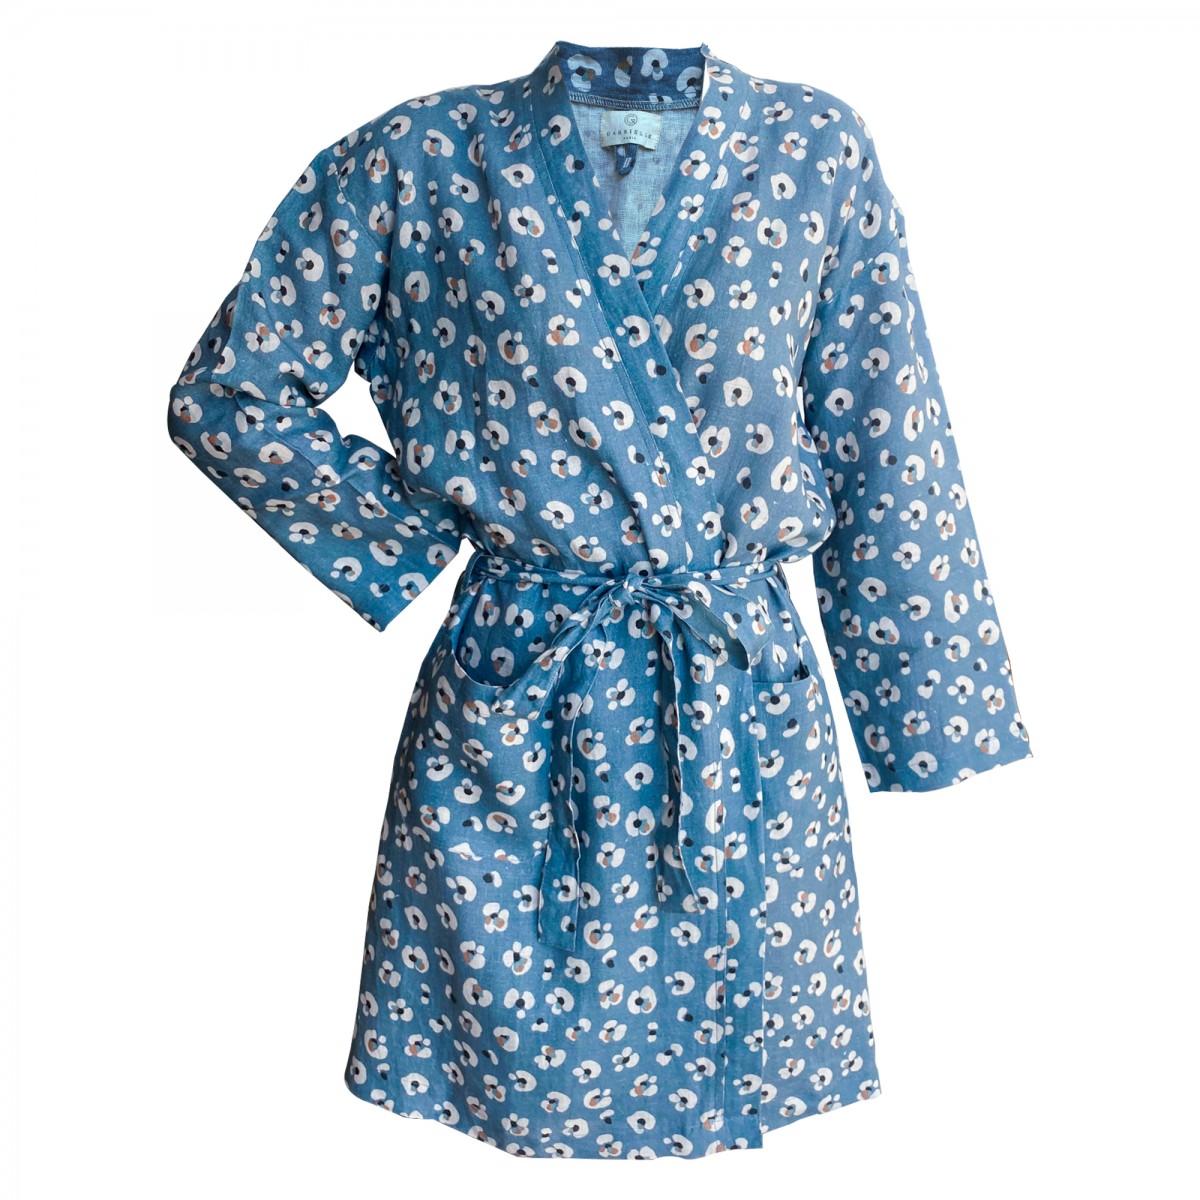 Kimono en lin lavé imprimé léopard bleu S/M